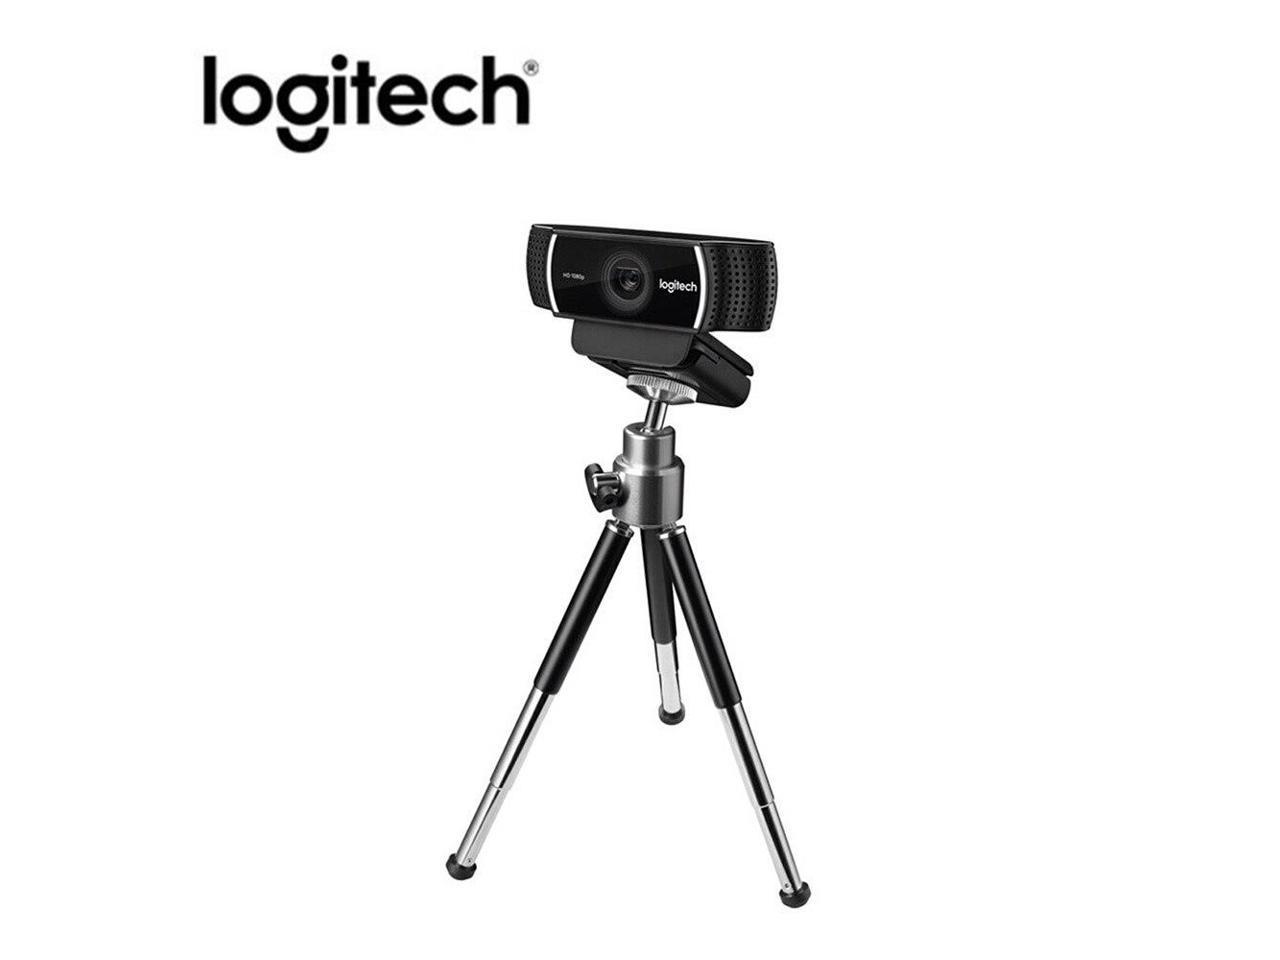 Logitech C922 Pro Autofocus Webcam Built-in Microphone